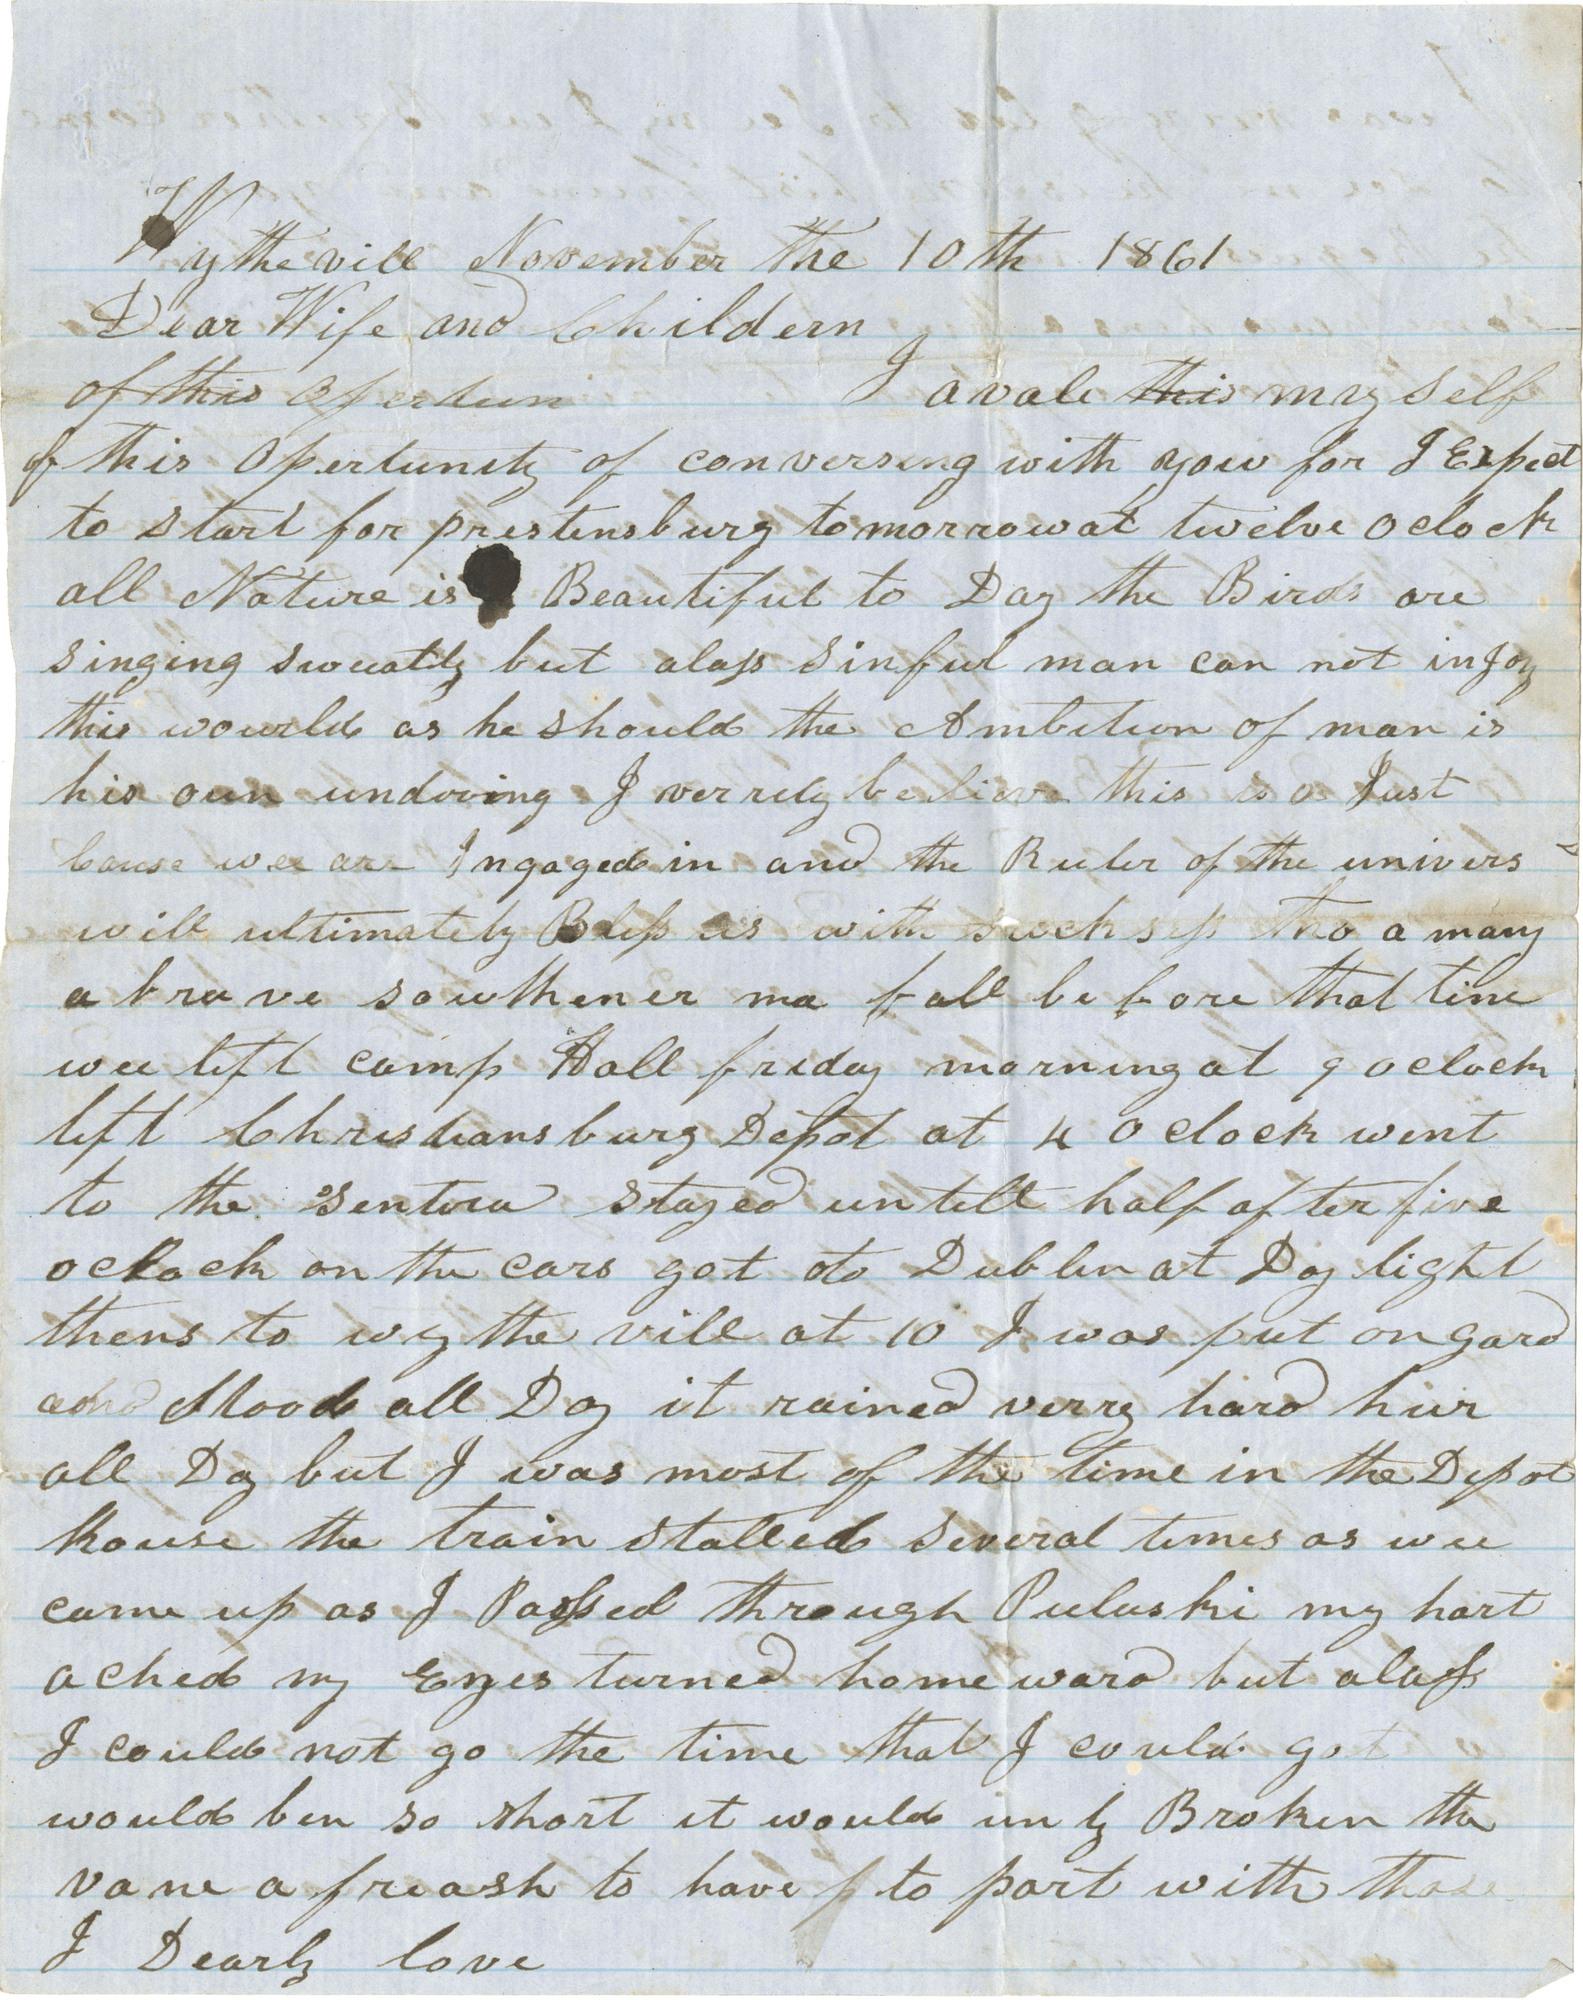 Ms2009-112_CarnahanJohnNewton_Letter_1861_1110a.jpg